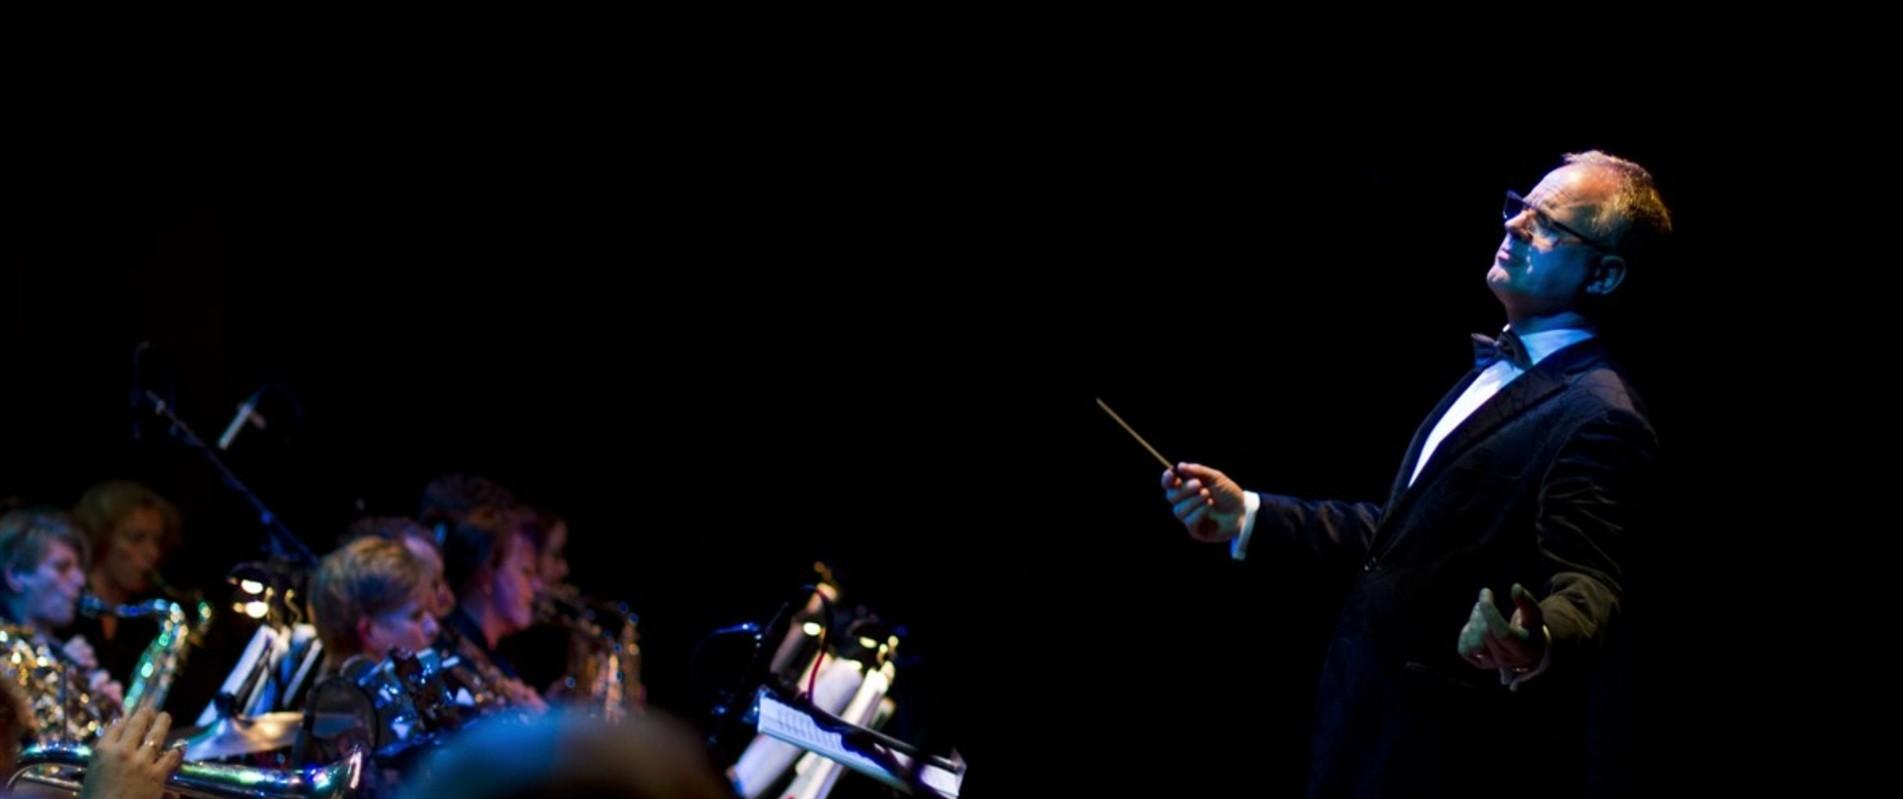 Muziekvereniging Excelsior - Nieuwjaarsconcert